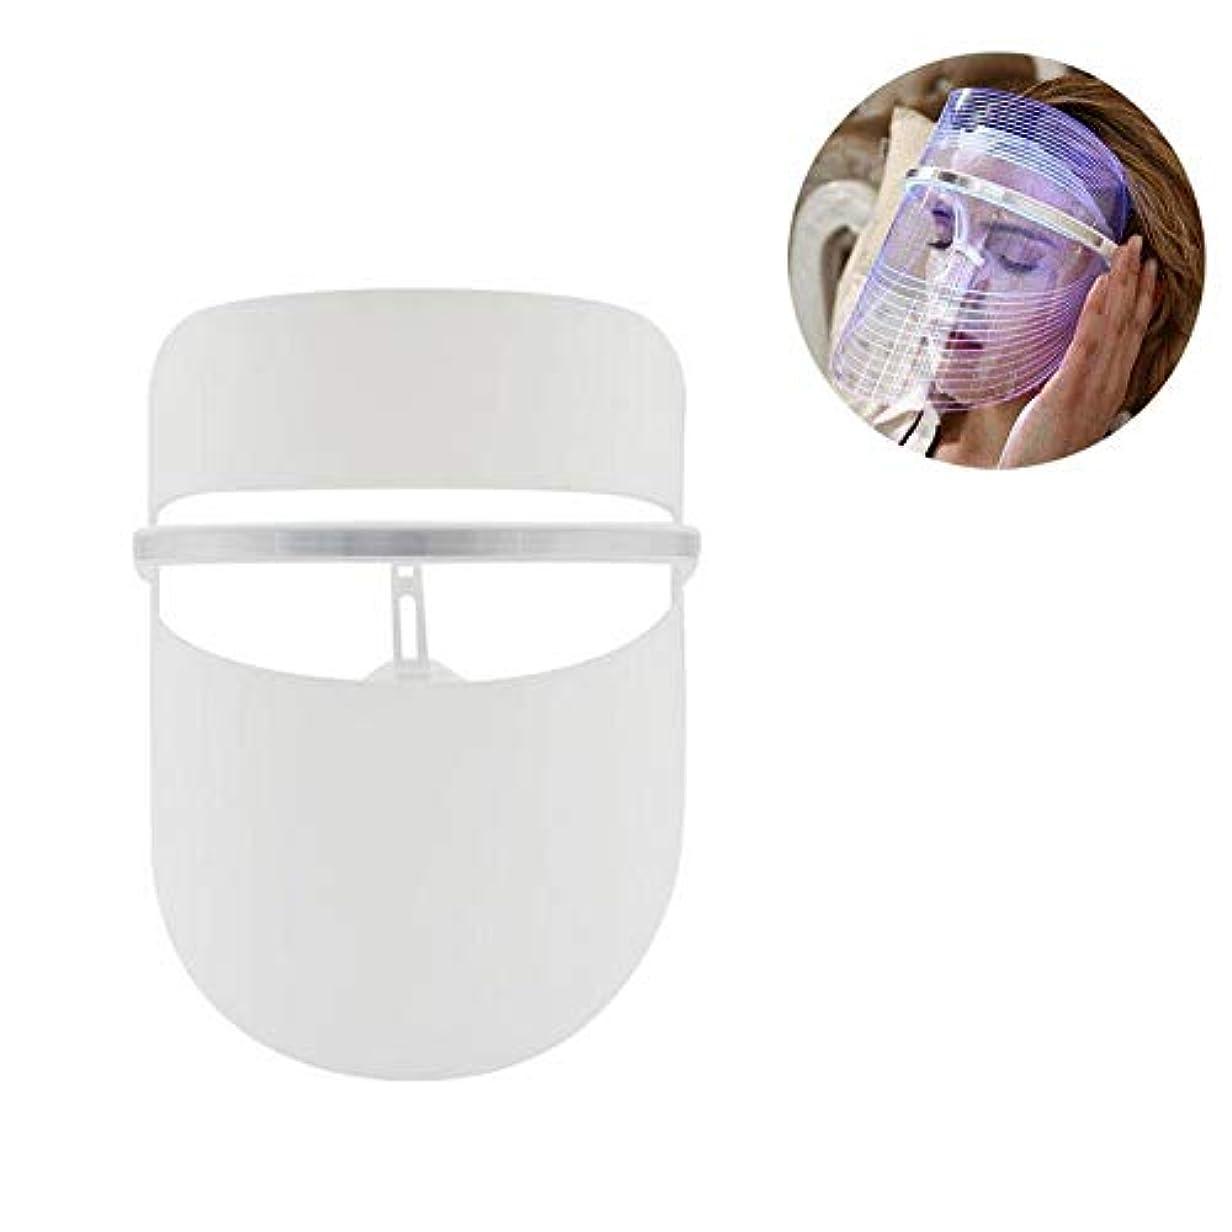 汗の面ではルアー3色LEDライトフェイスマスクしわ除去フェイシャルライトセラピーアンチエイジングシワフェイシャルスキンケアマスク